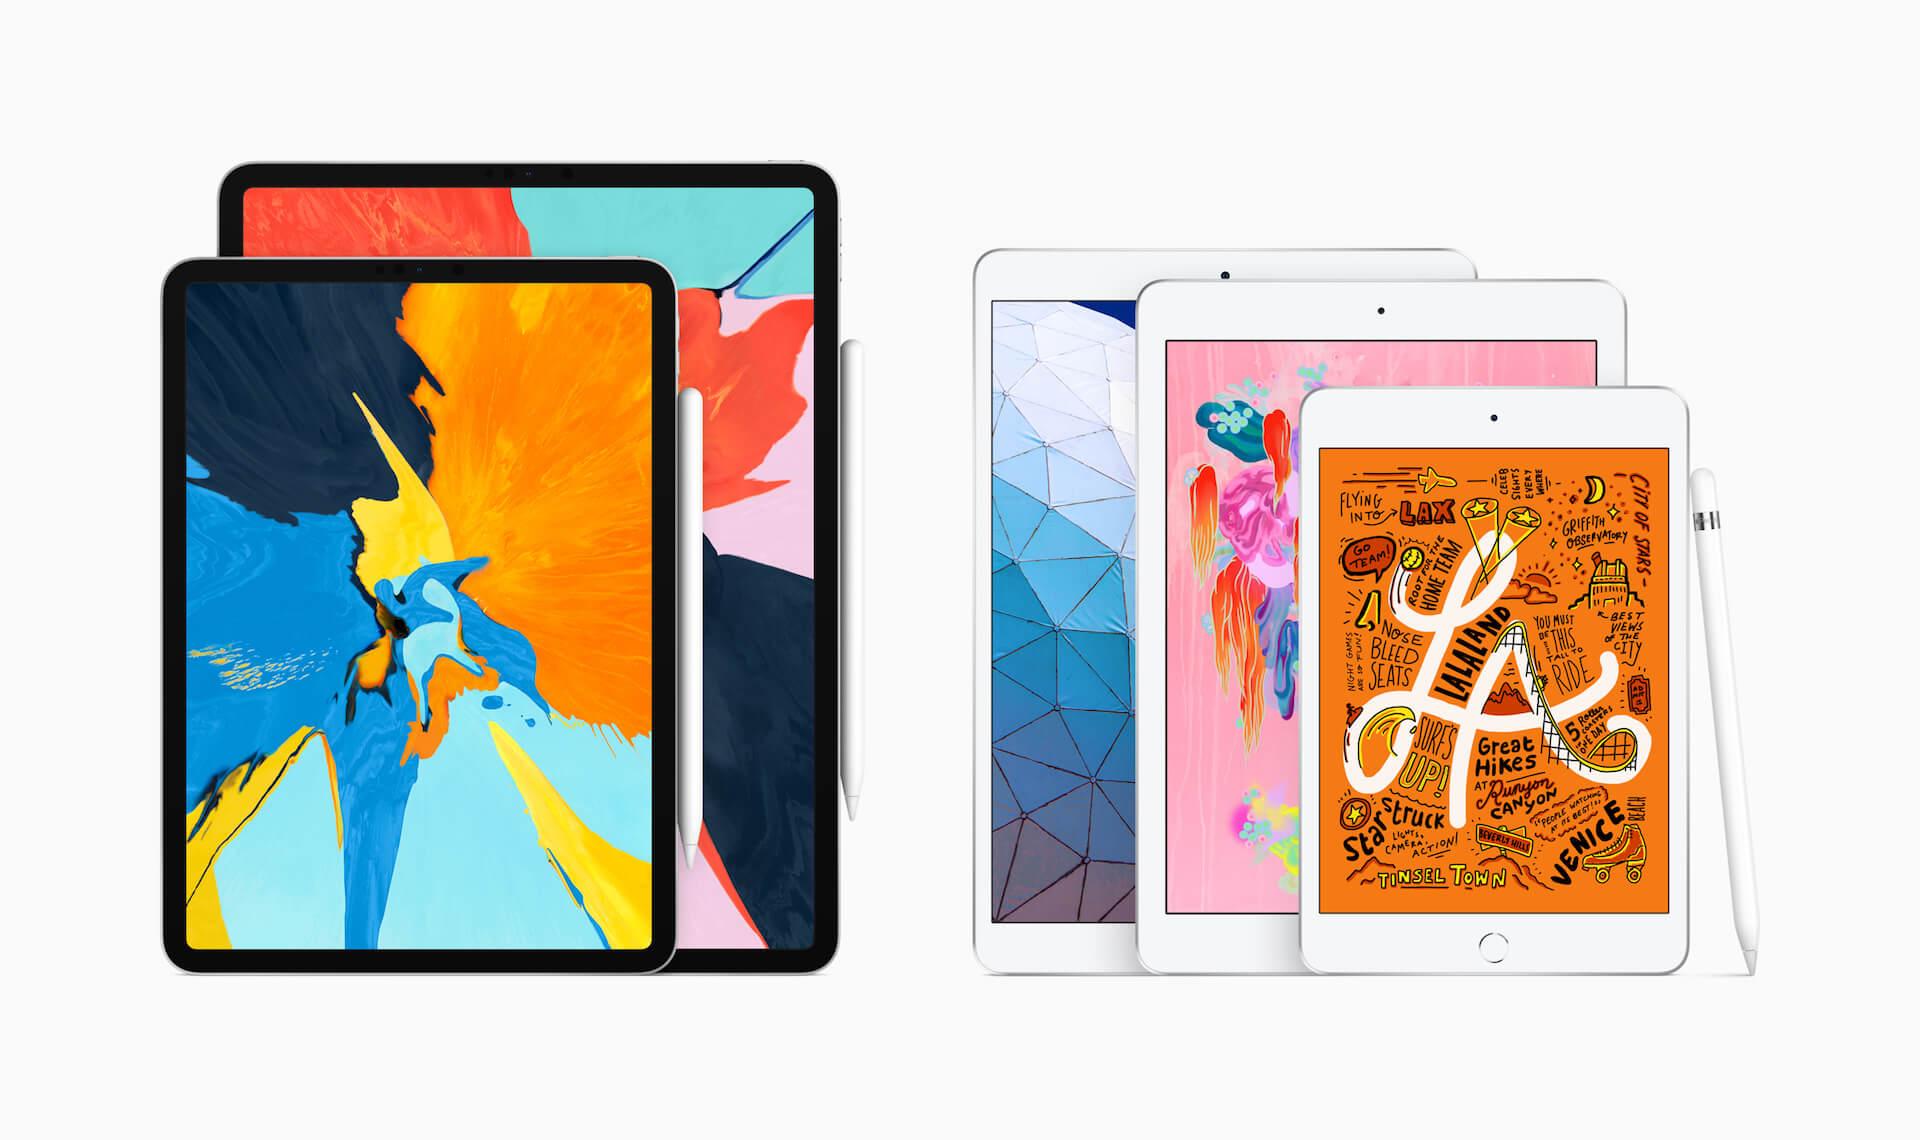 今年発表のiPad AirはUSB-Cコネクタに移行?11インチiPad Proモデルを参考に開発か tech200603_ipadair_1